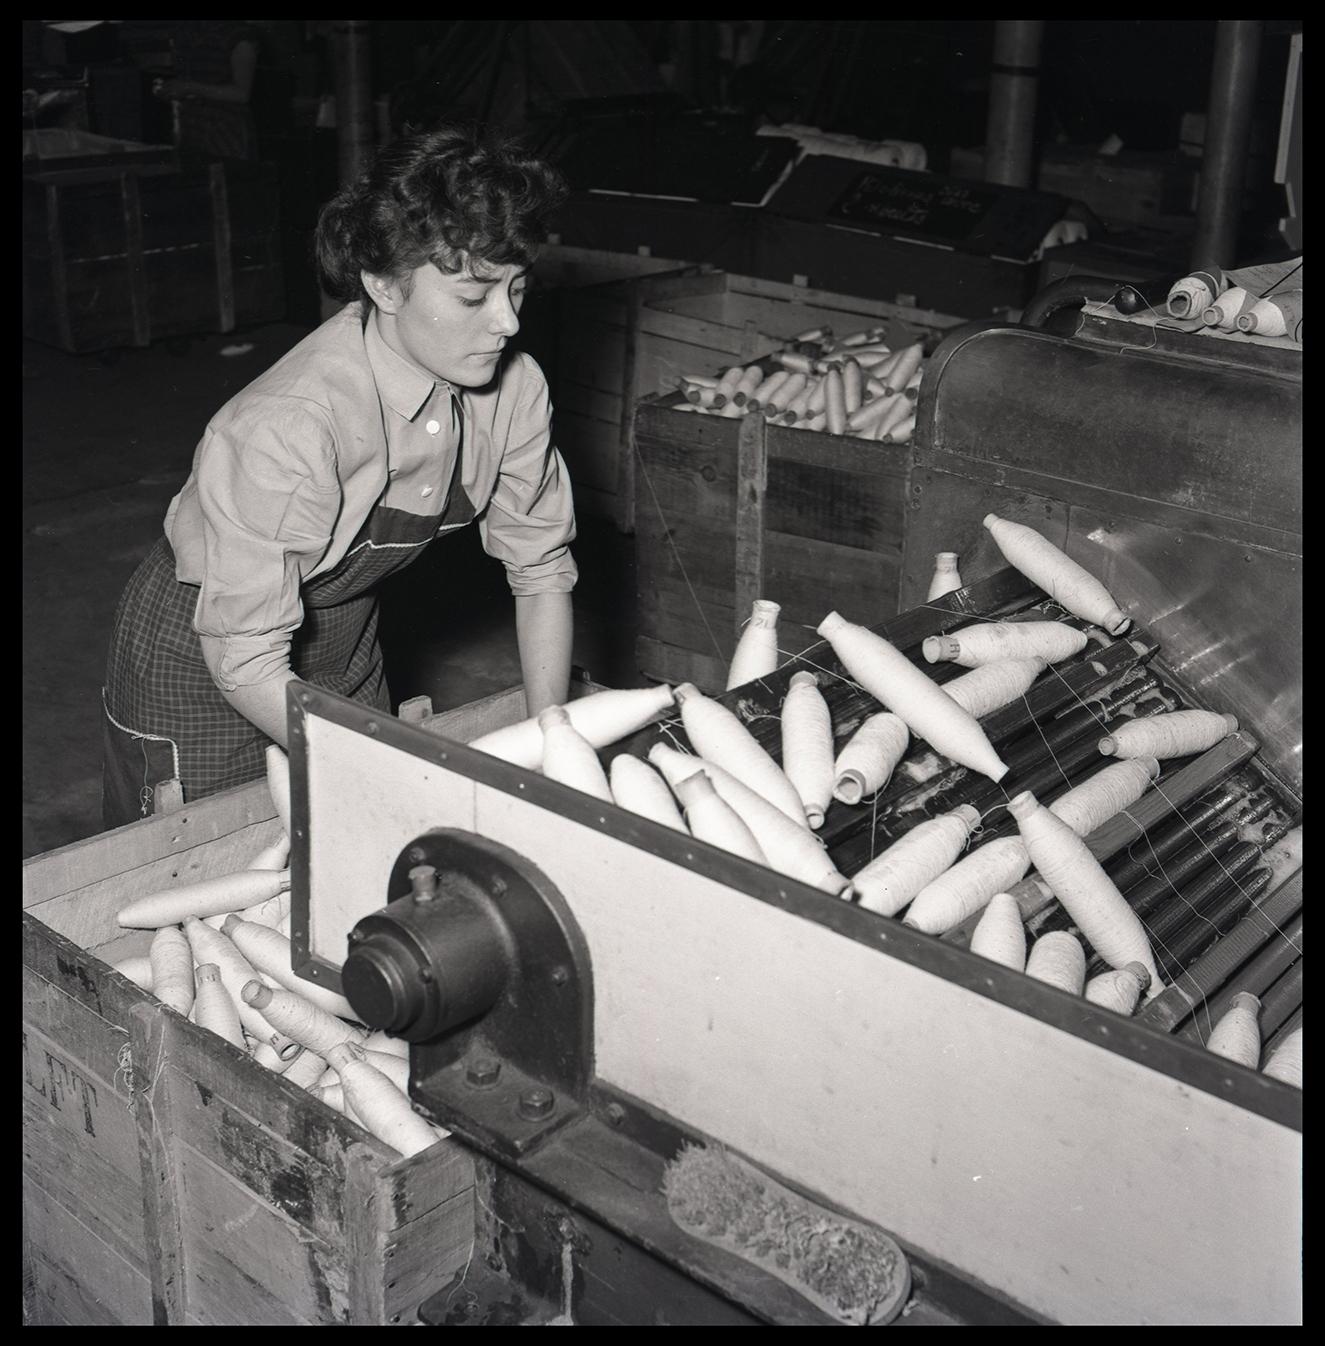 Ouvrière conditionnant des bobines de fils : tirage photographique, Lille (Nord), vers 1955.